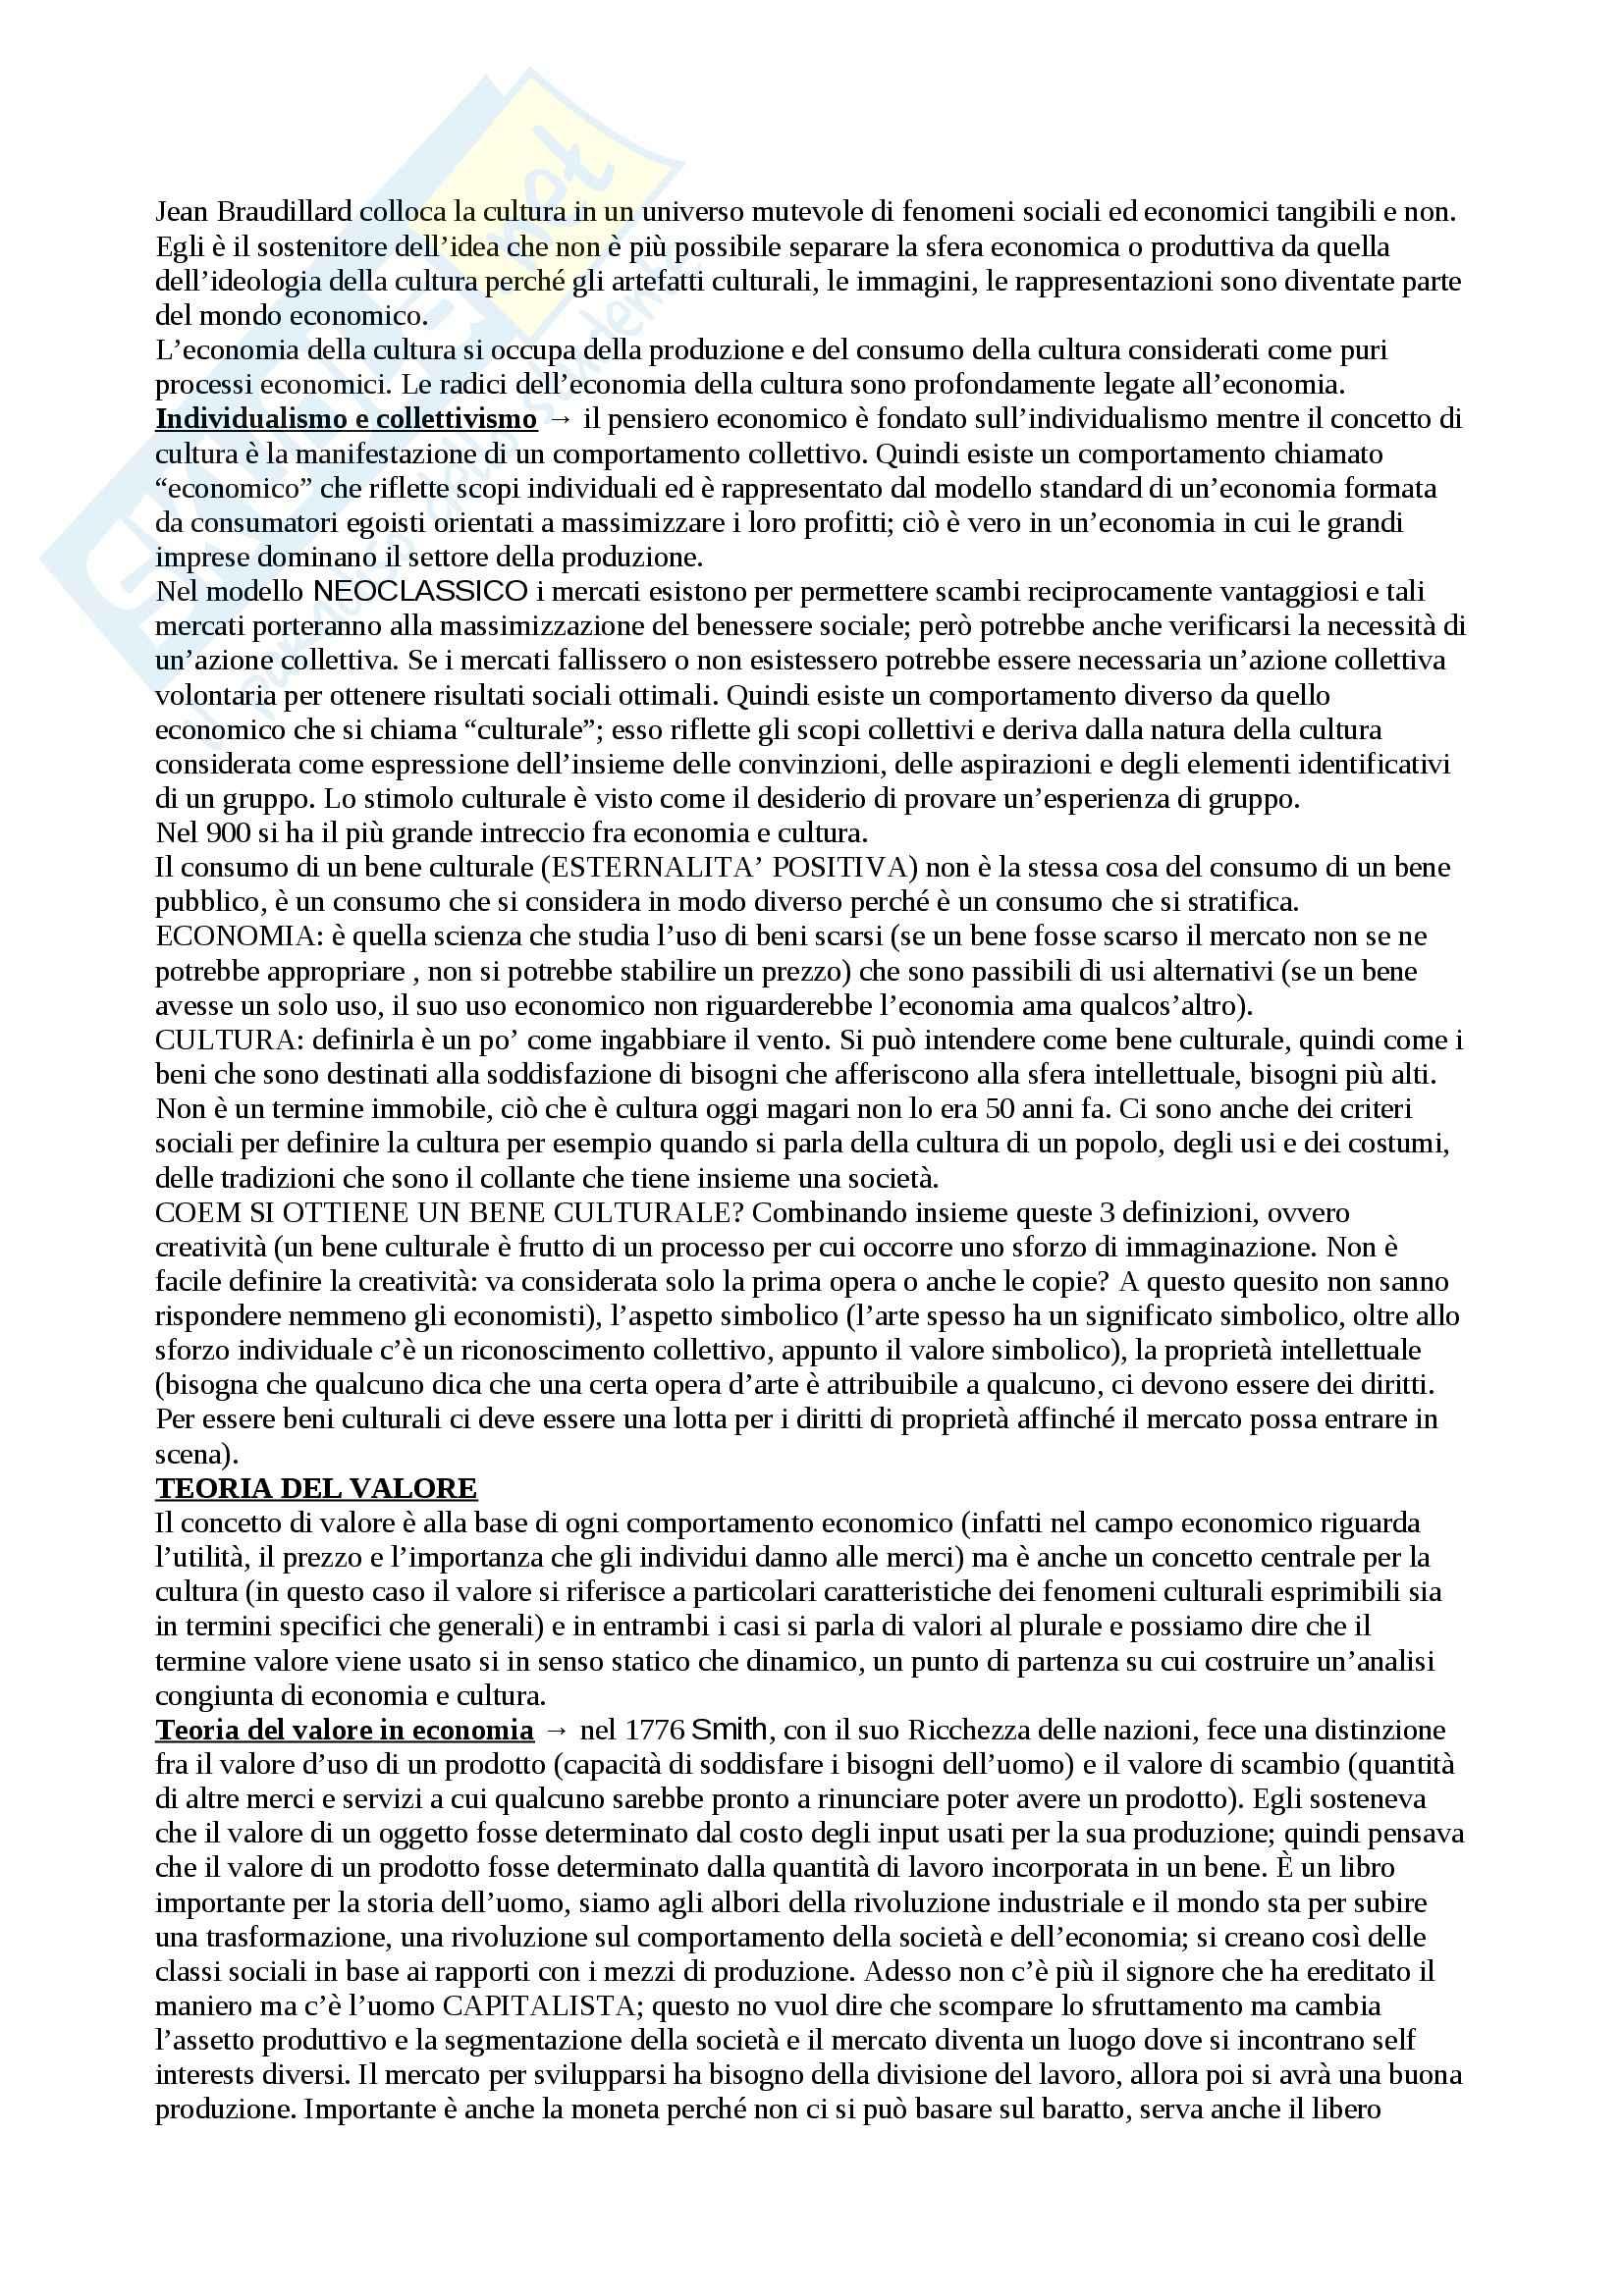 Economia della cultura - Appunti Pag. 2